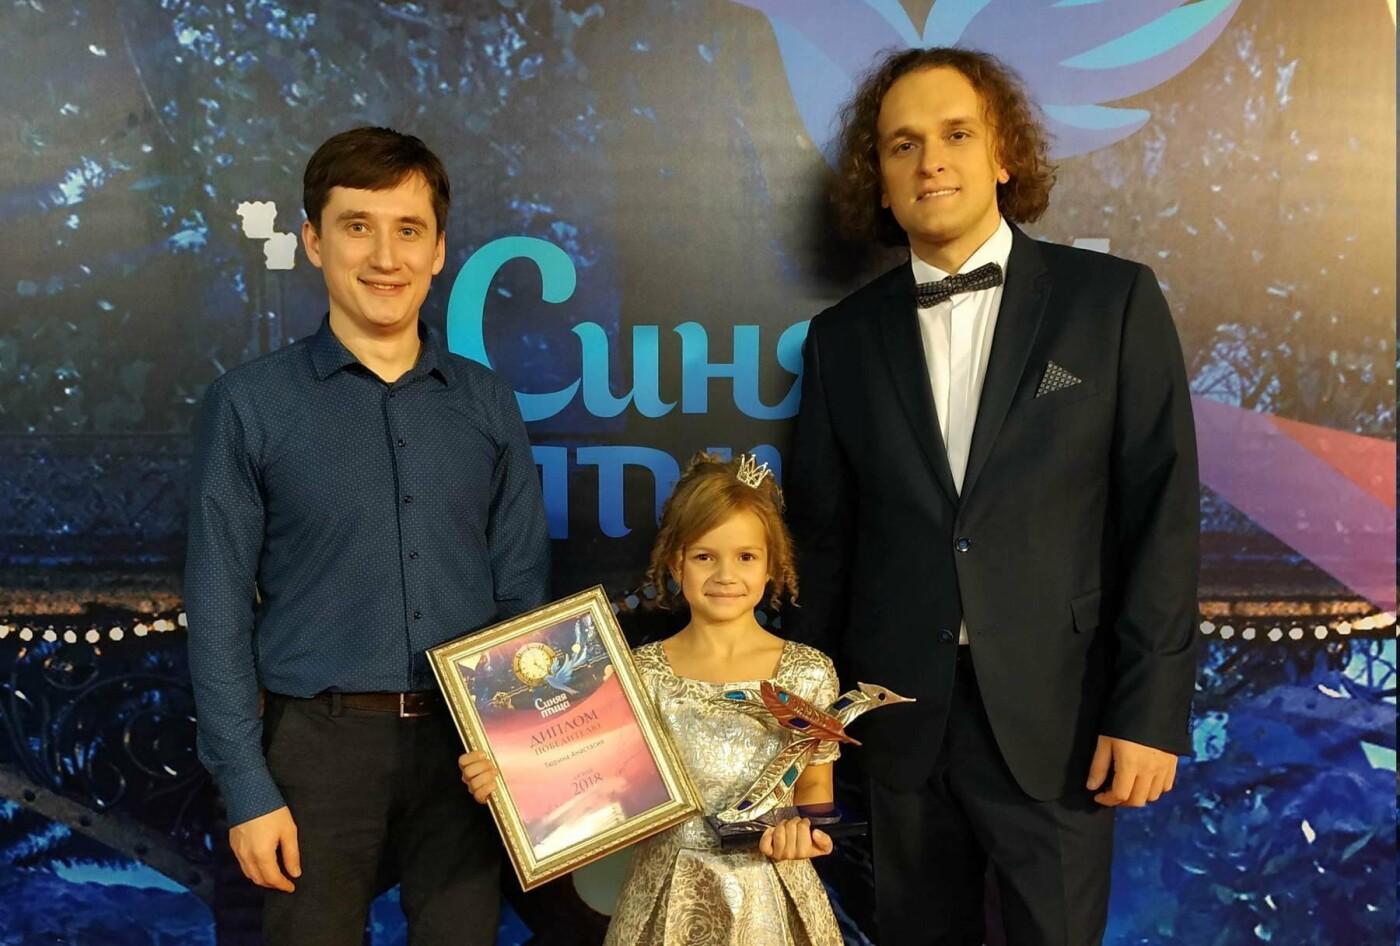 Балалаечница из Тамбова Анастасия Тюрина выиграла конкурс «Синяя птица», фото-2